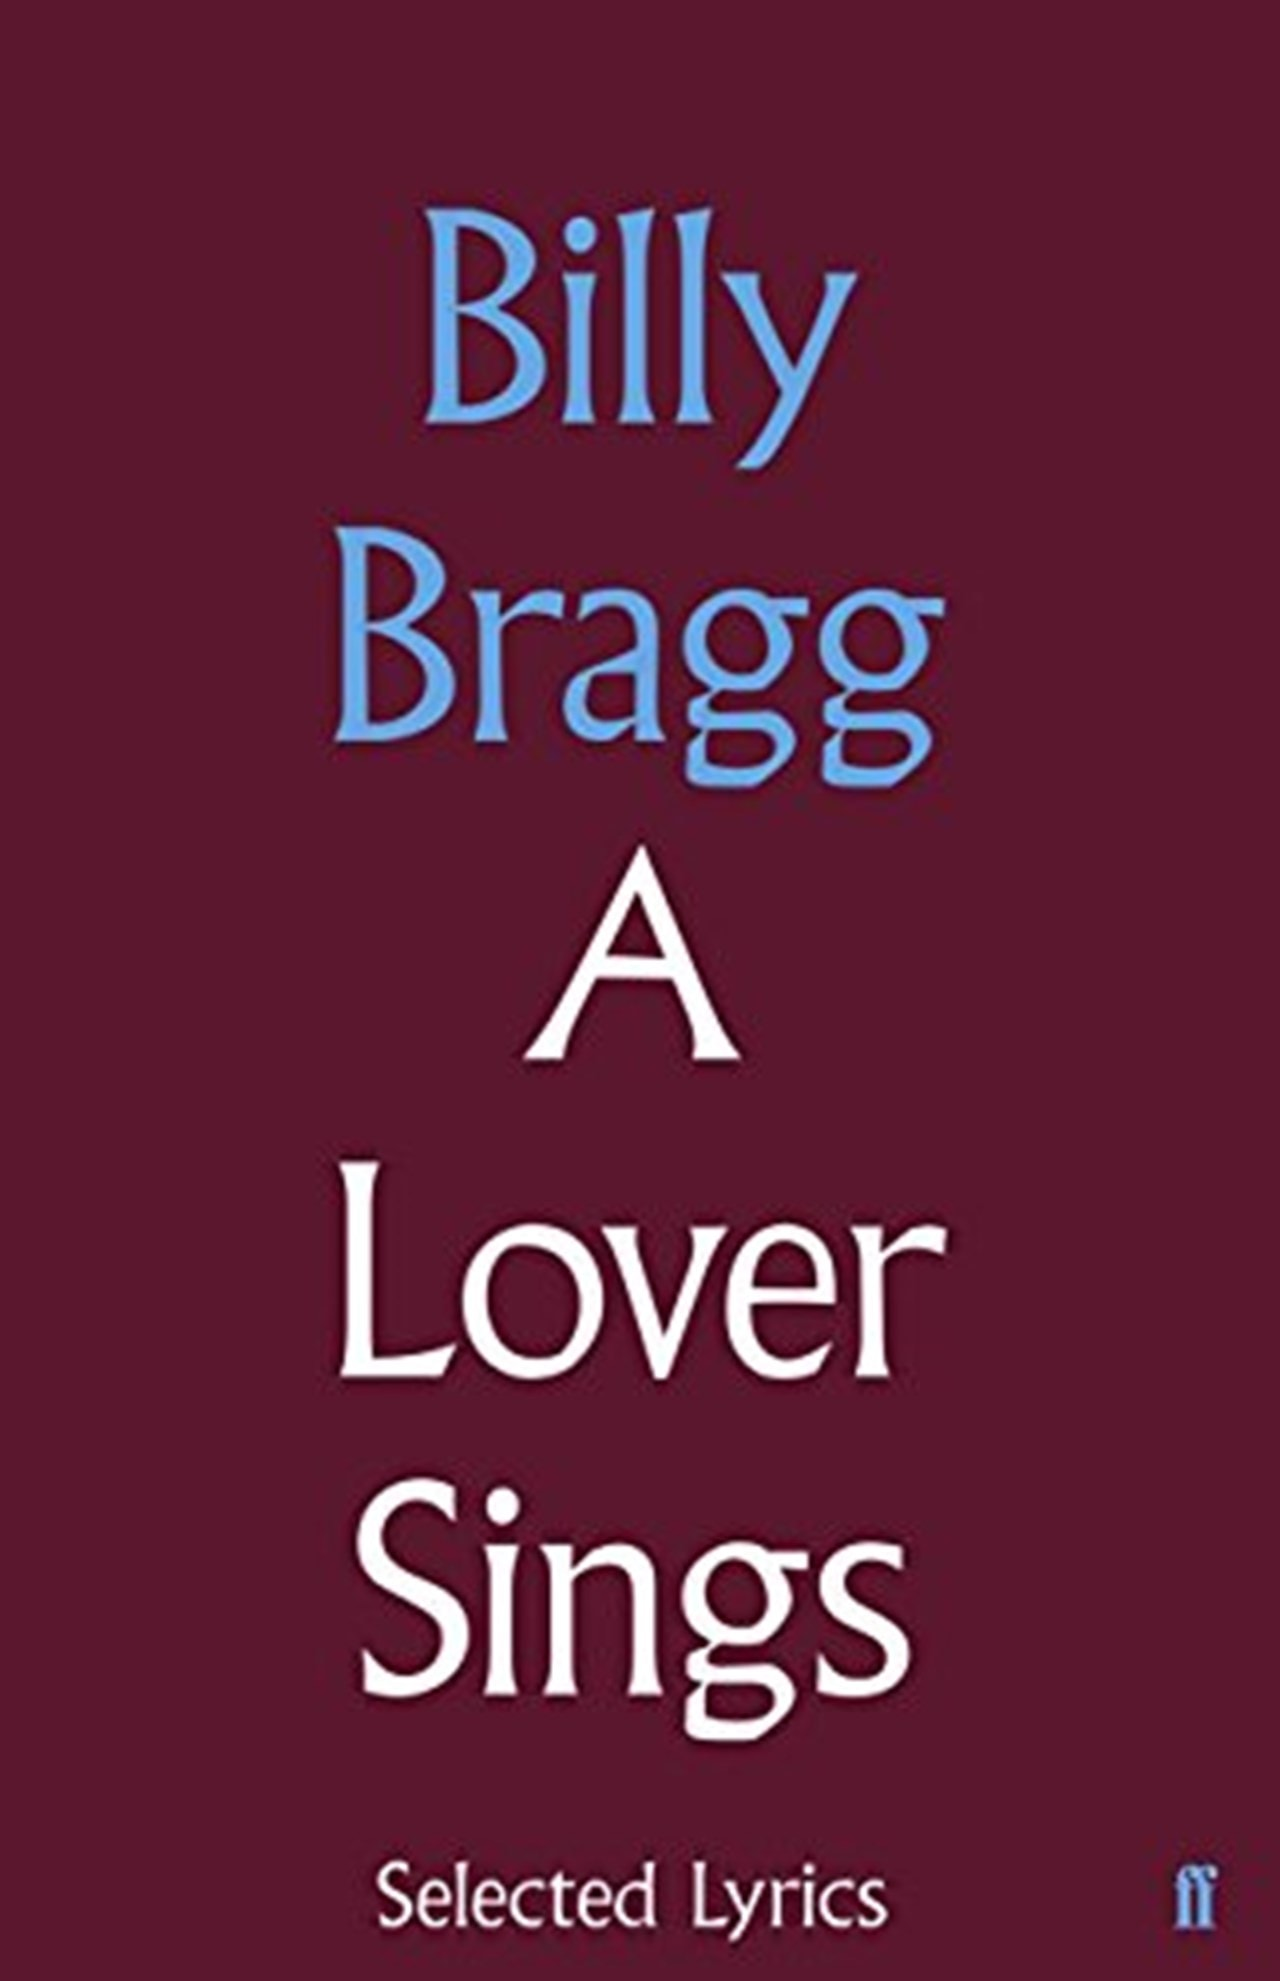 A Lover Sings - 1